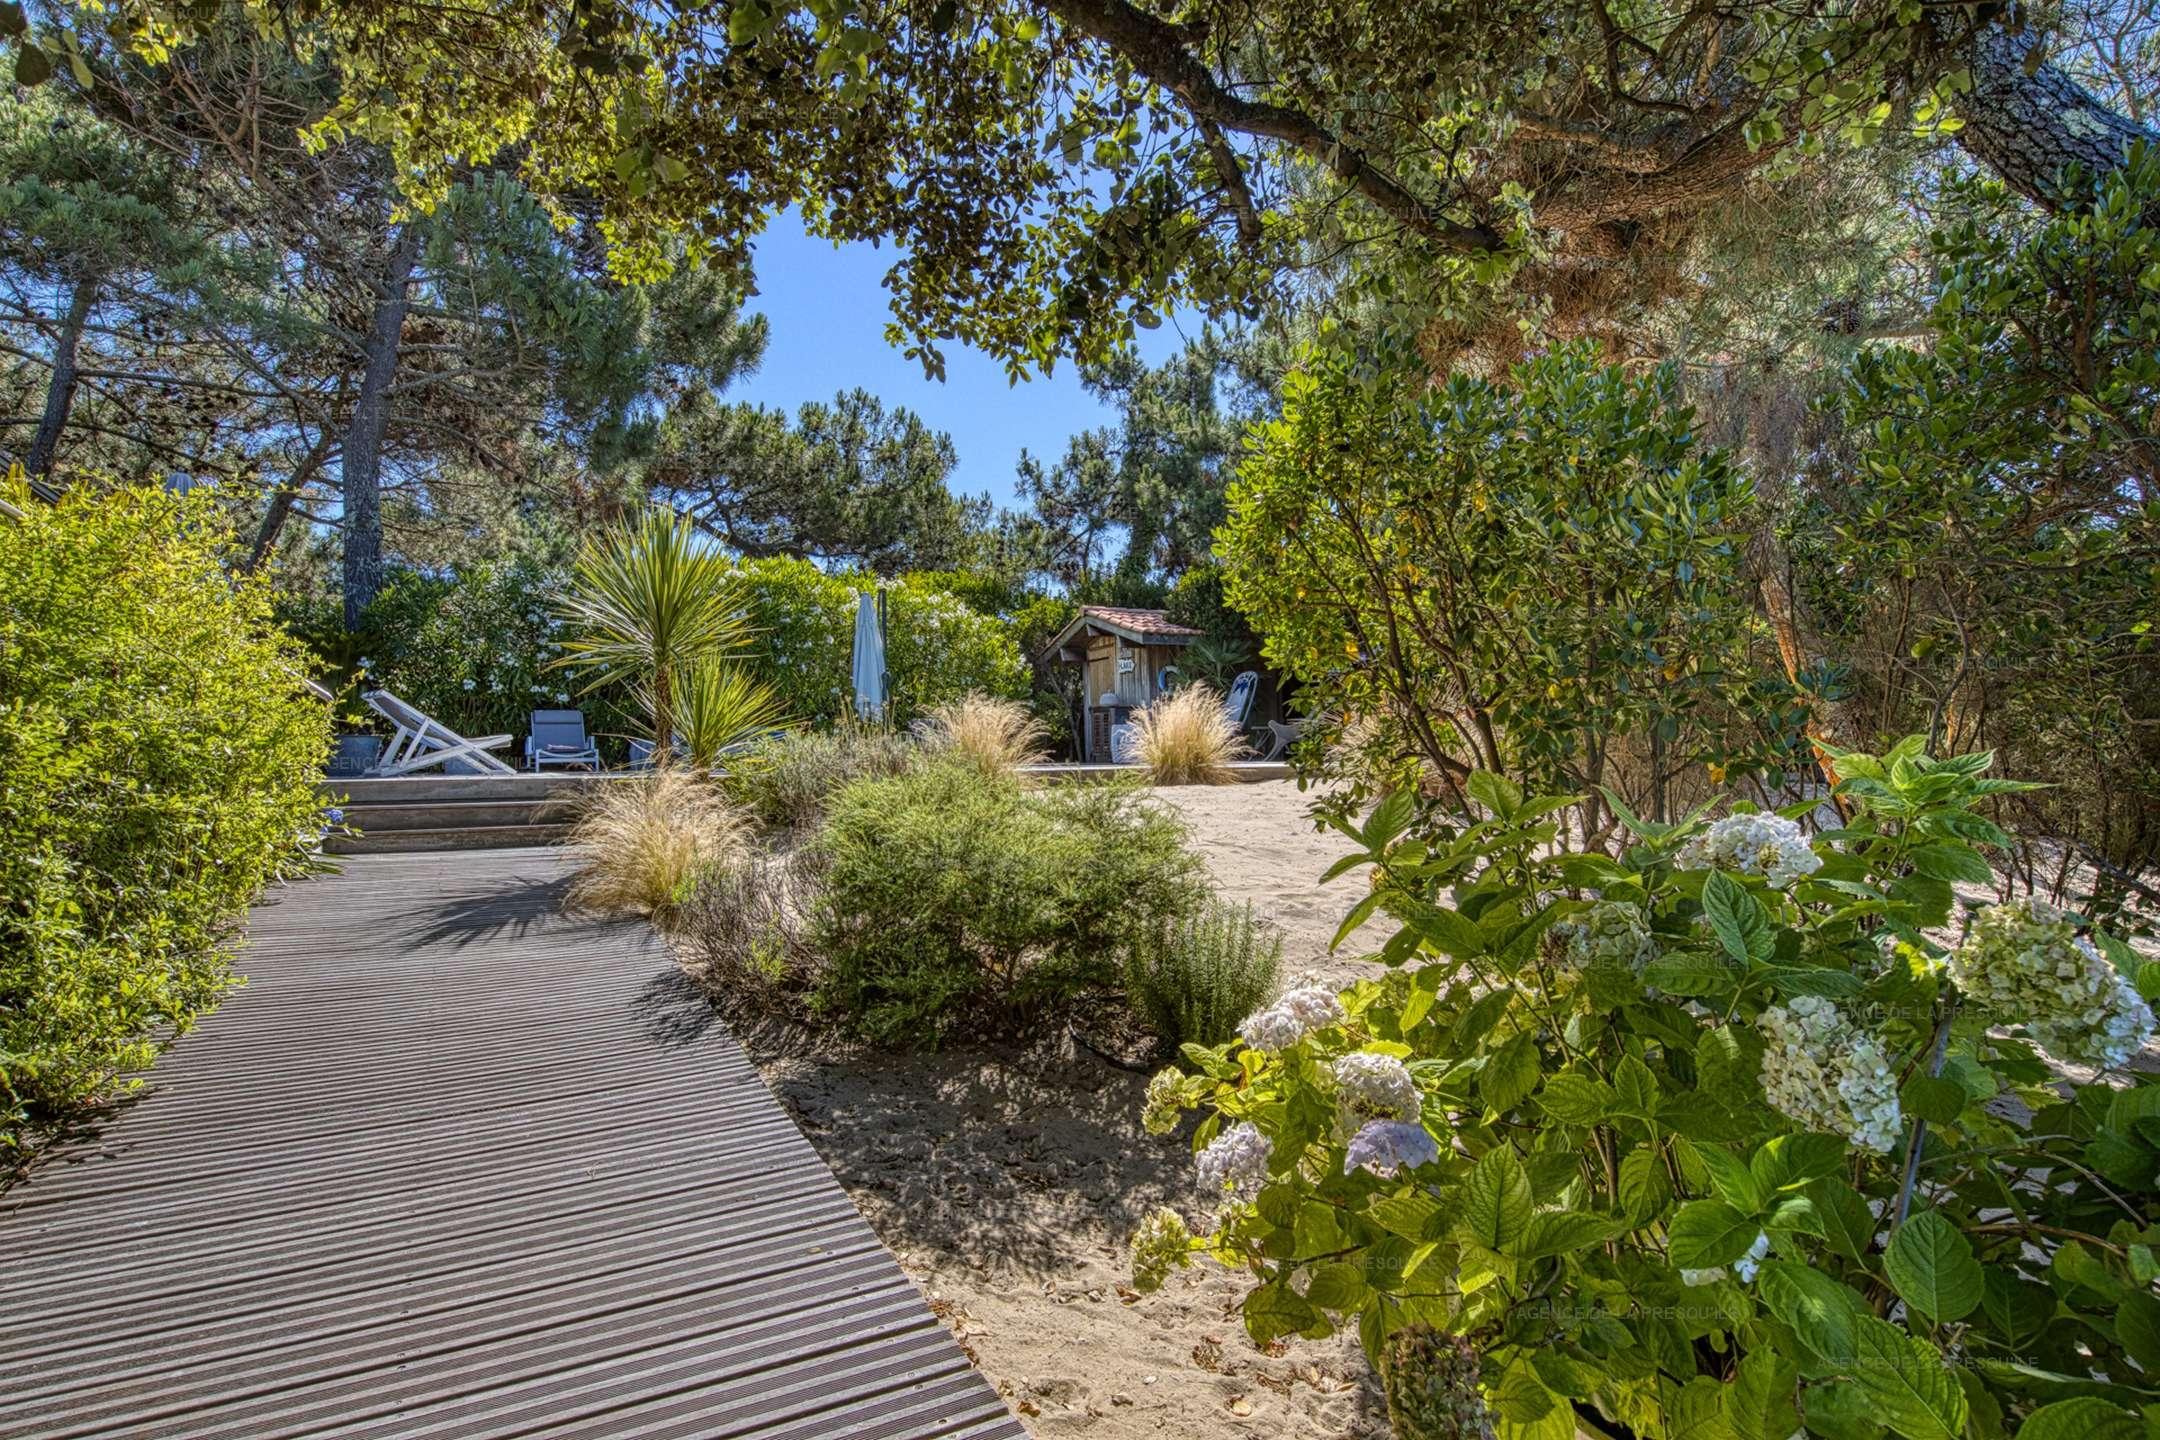 Location: Ravissante villa avec piscine entre le bassin et l'océan 10